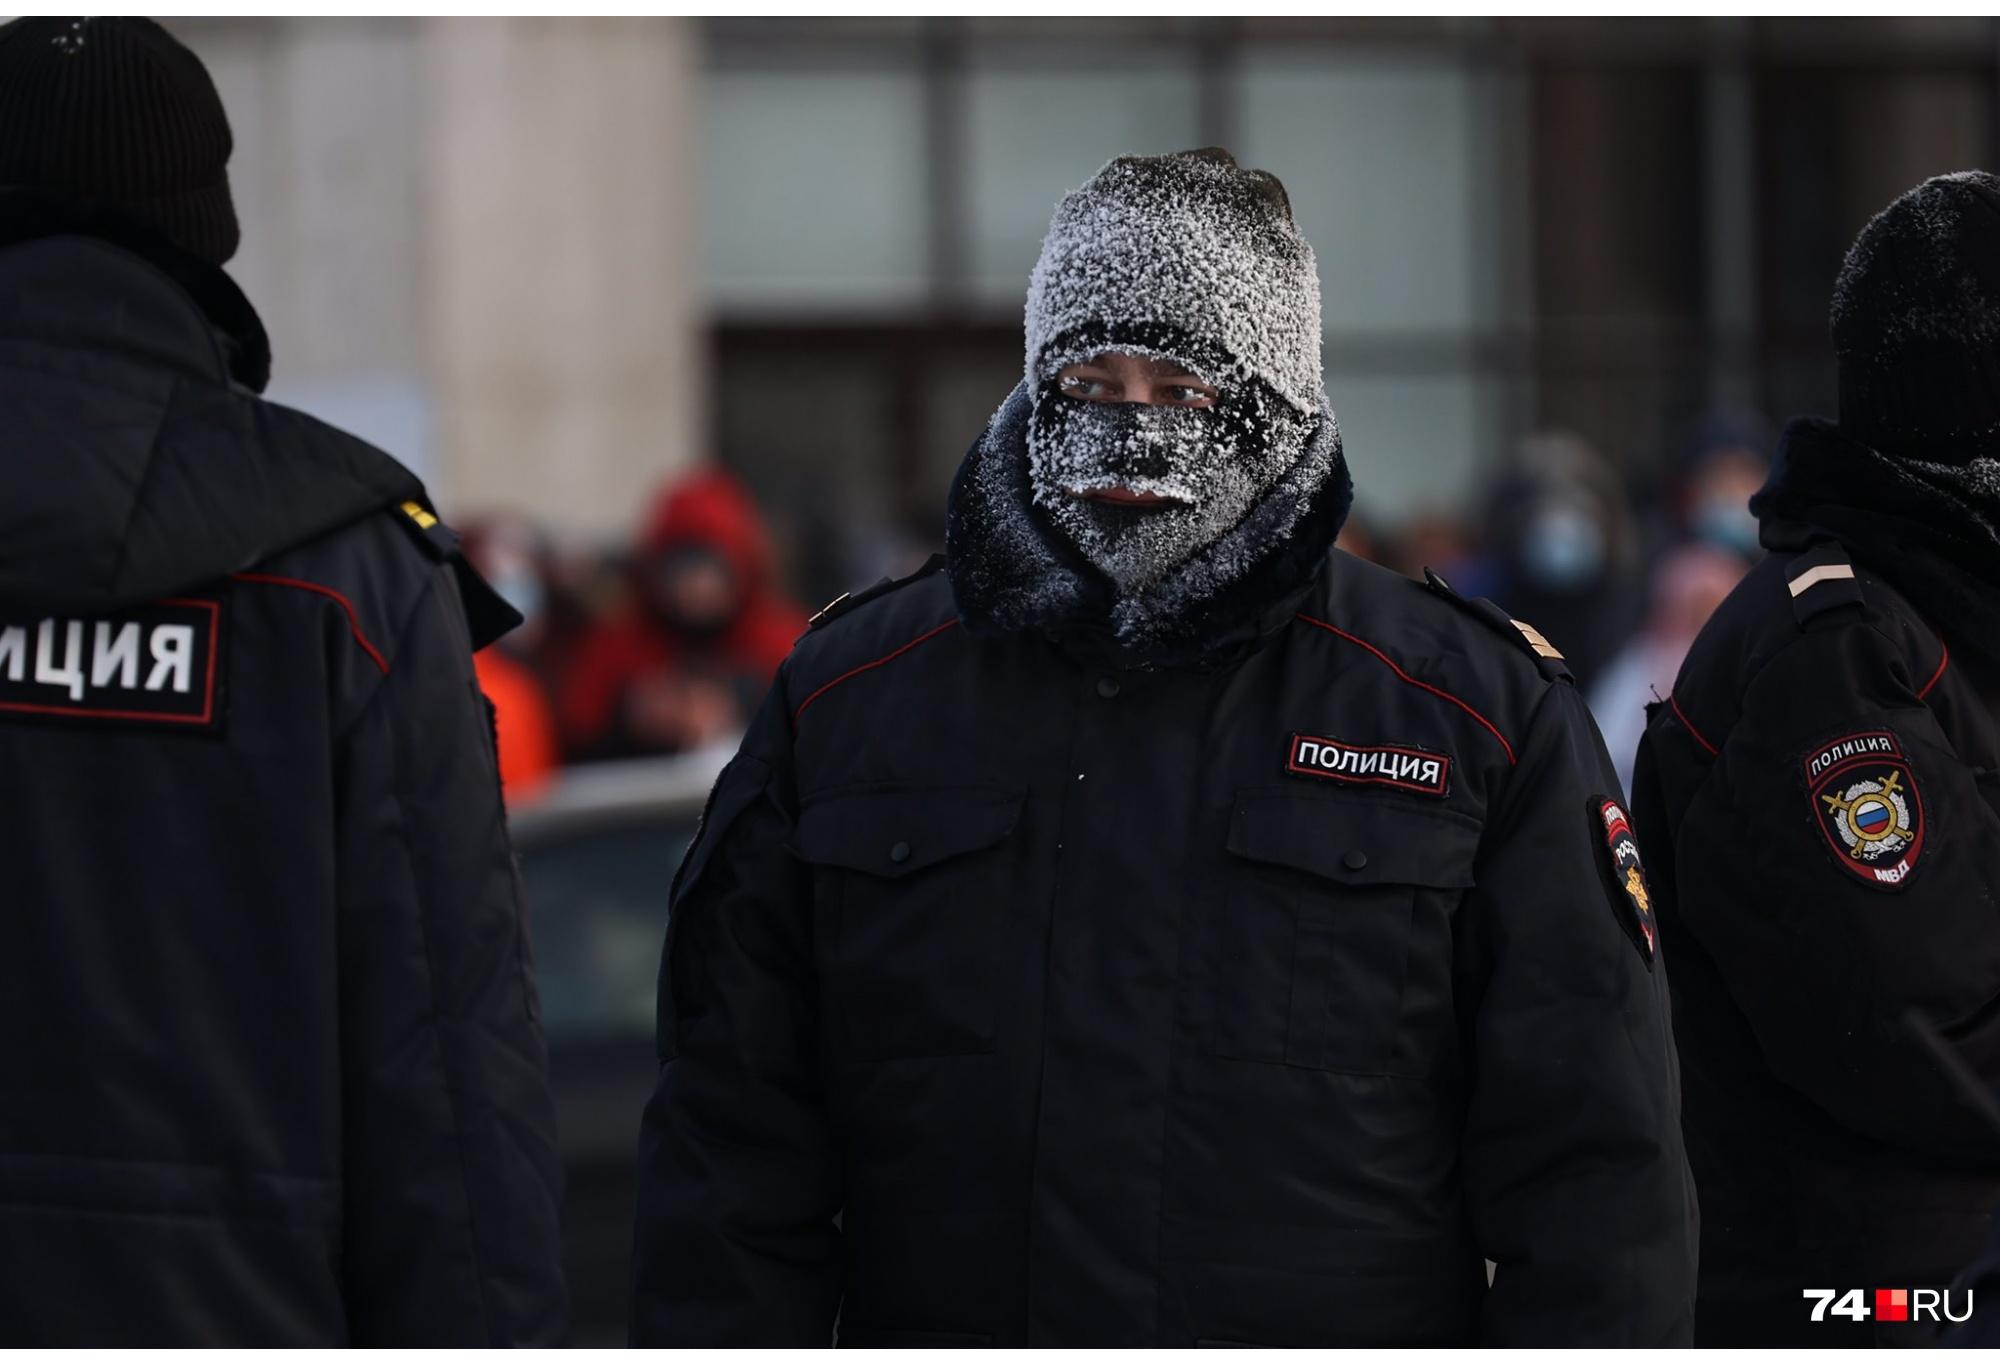 Утеплялись и участники шествия, и стражи порядка